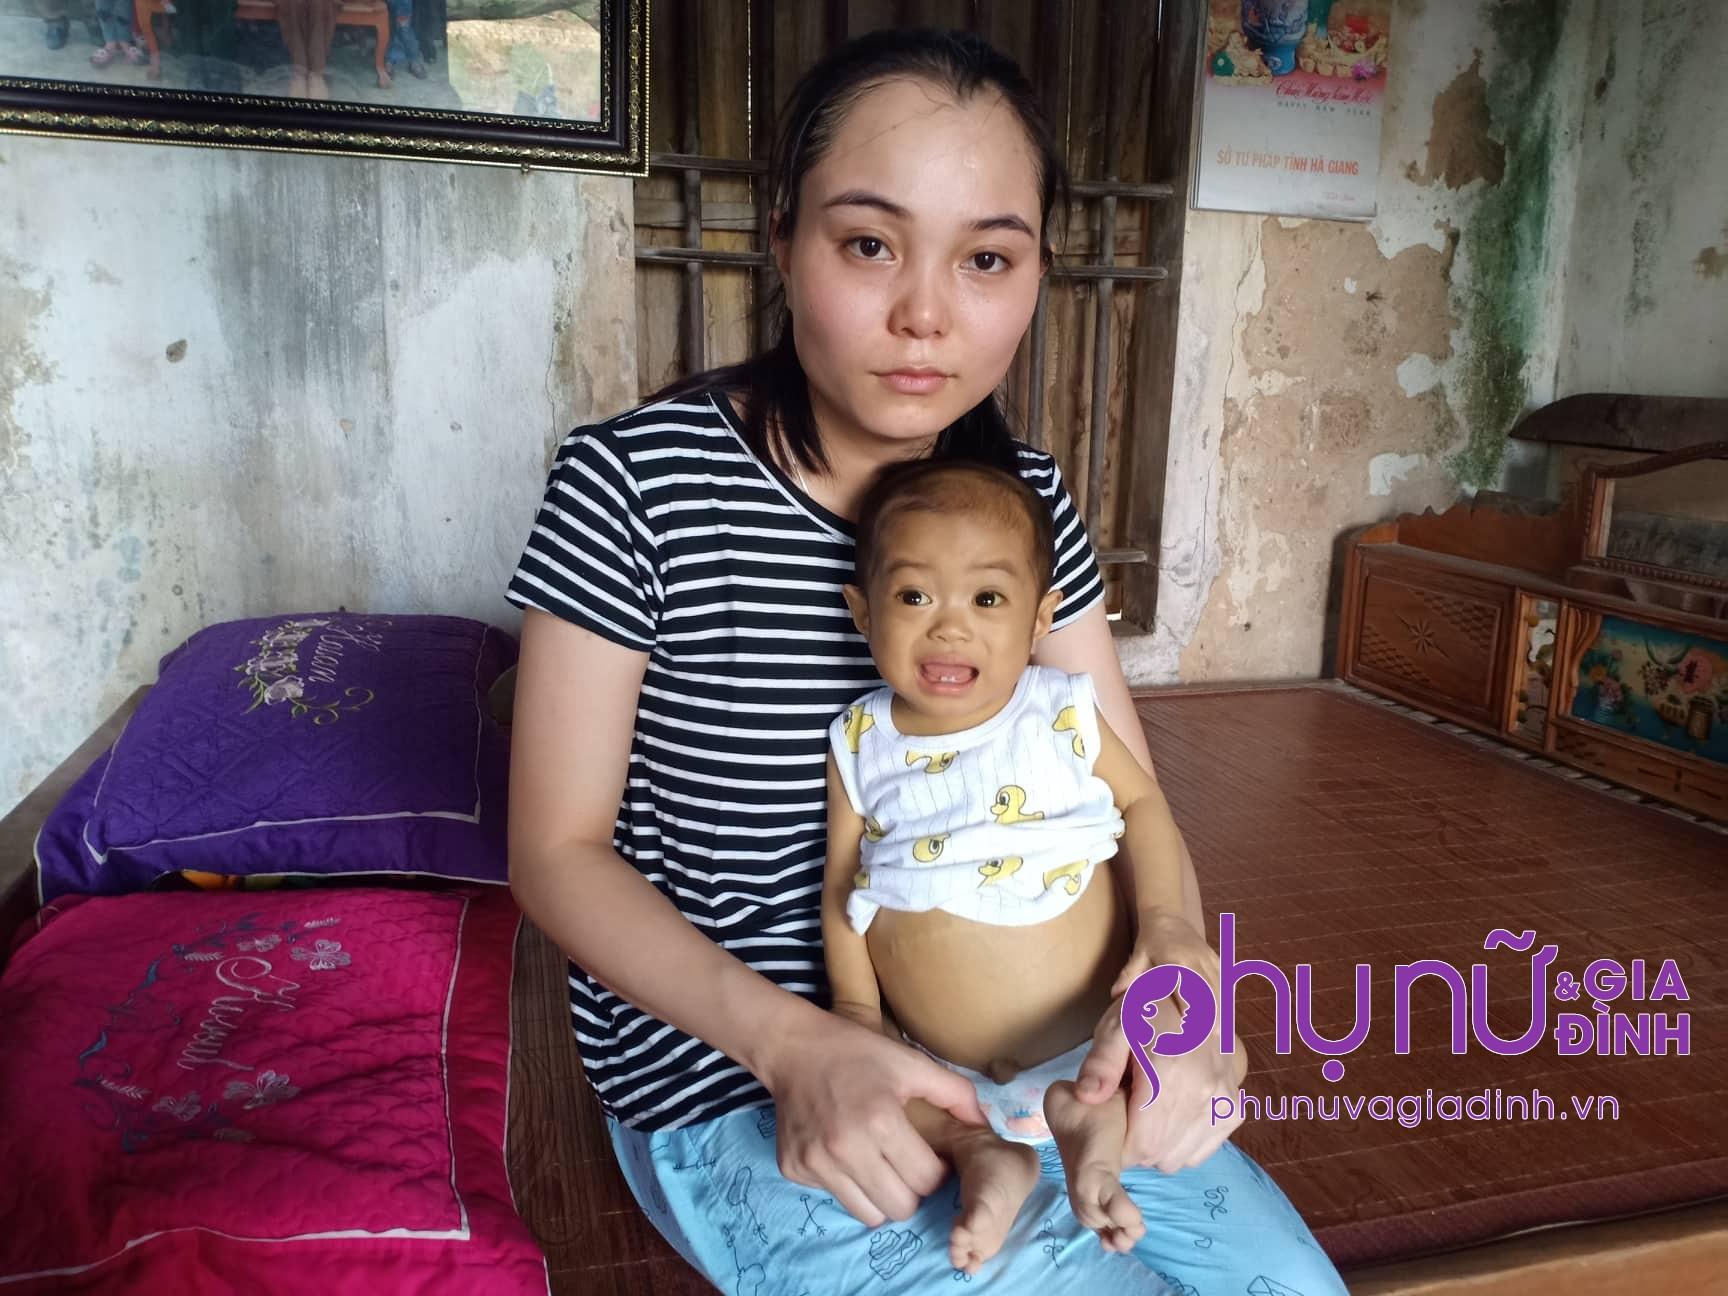 Nghẹn lòng cảnh 'sống mòn' của bé gái 14 tháng tuổi có cái bụng chực nổ tung vì căn bệnh quái ác - Ảnh 4